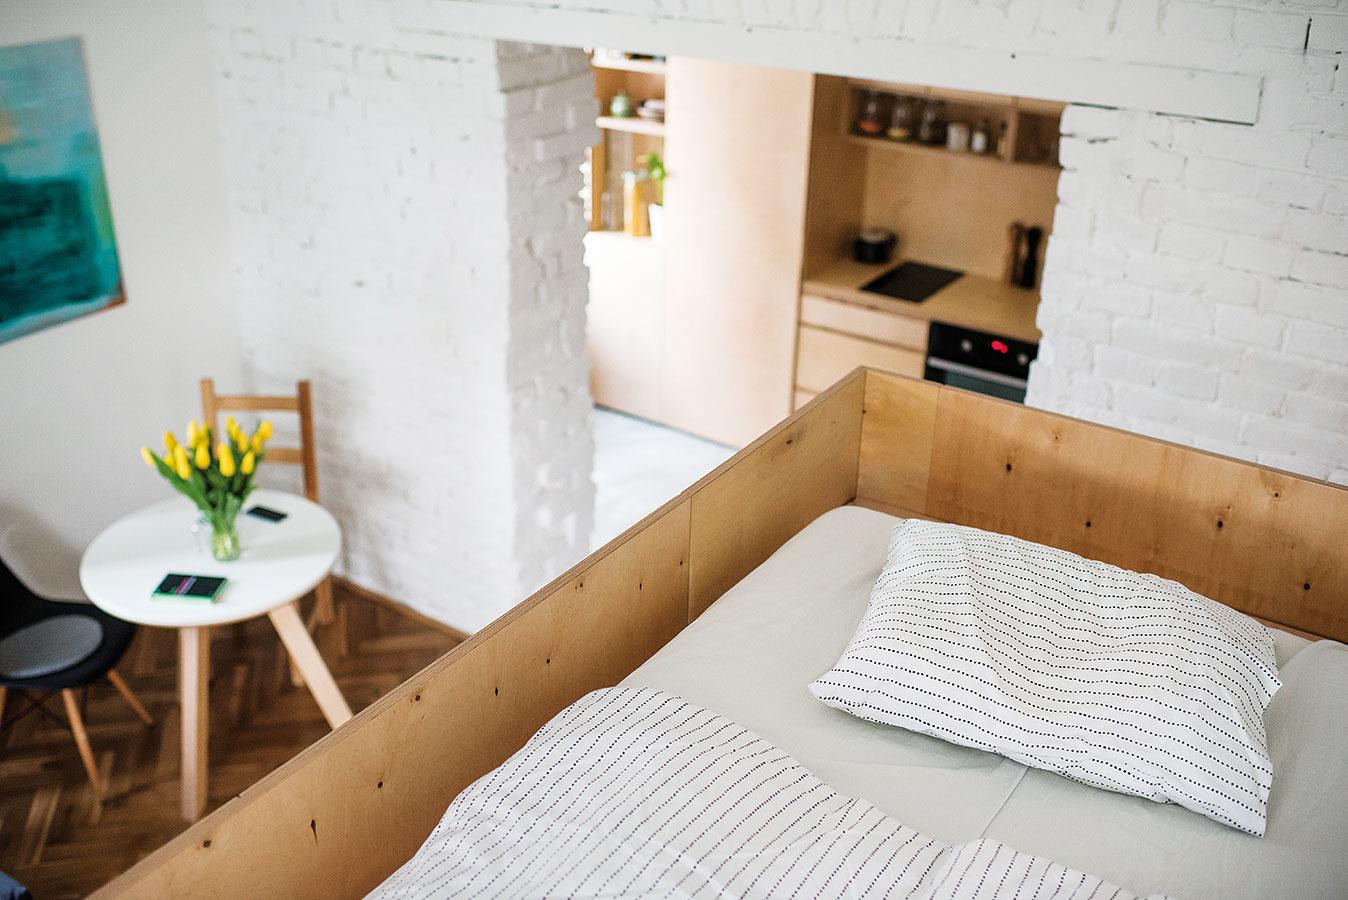 """Spanie """"na poschodí"""" je príjemne skryté pred zrakmi prichádzajúcich. Nápad so vstavanou vyvýšenou spálňou pritom architekti využili viacnásobne – na funkčné rozčlenenie miestnosti aj na vytvorenie odkladacích priestorov."""